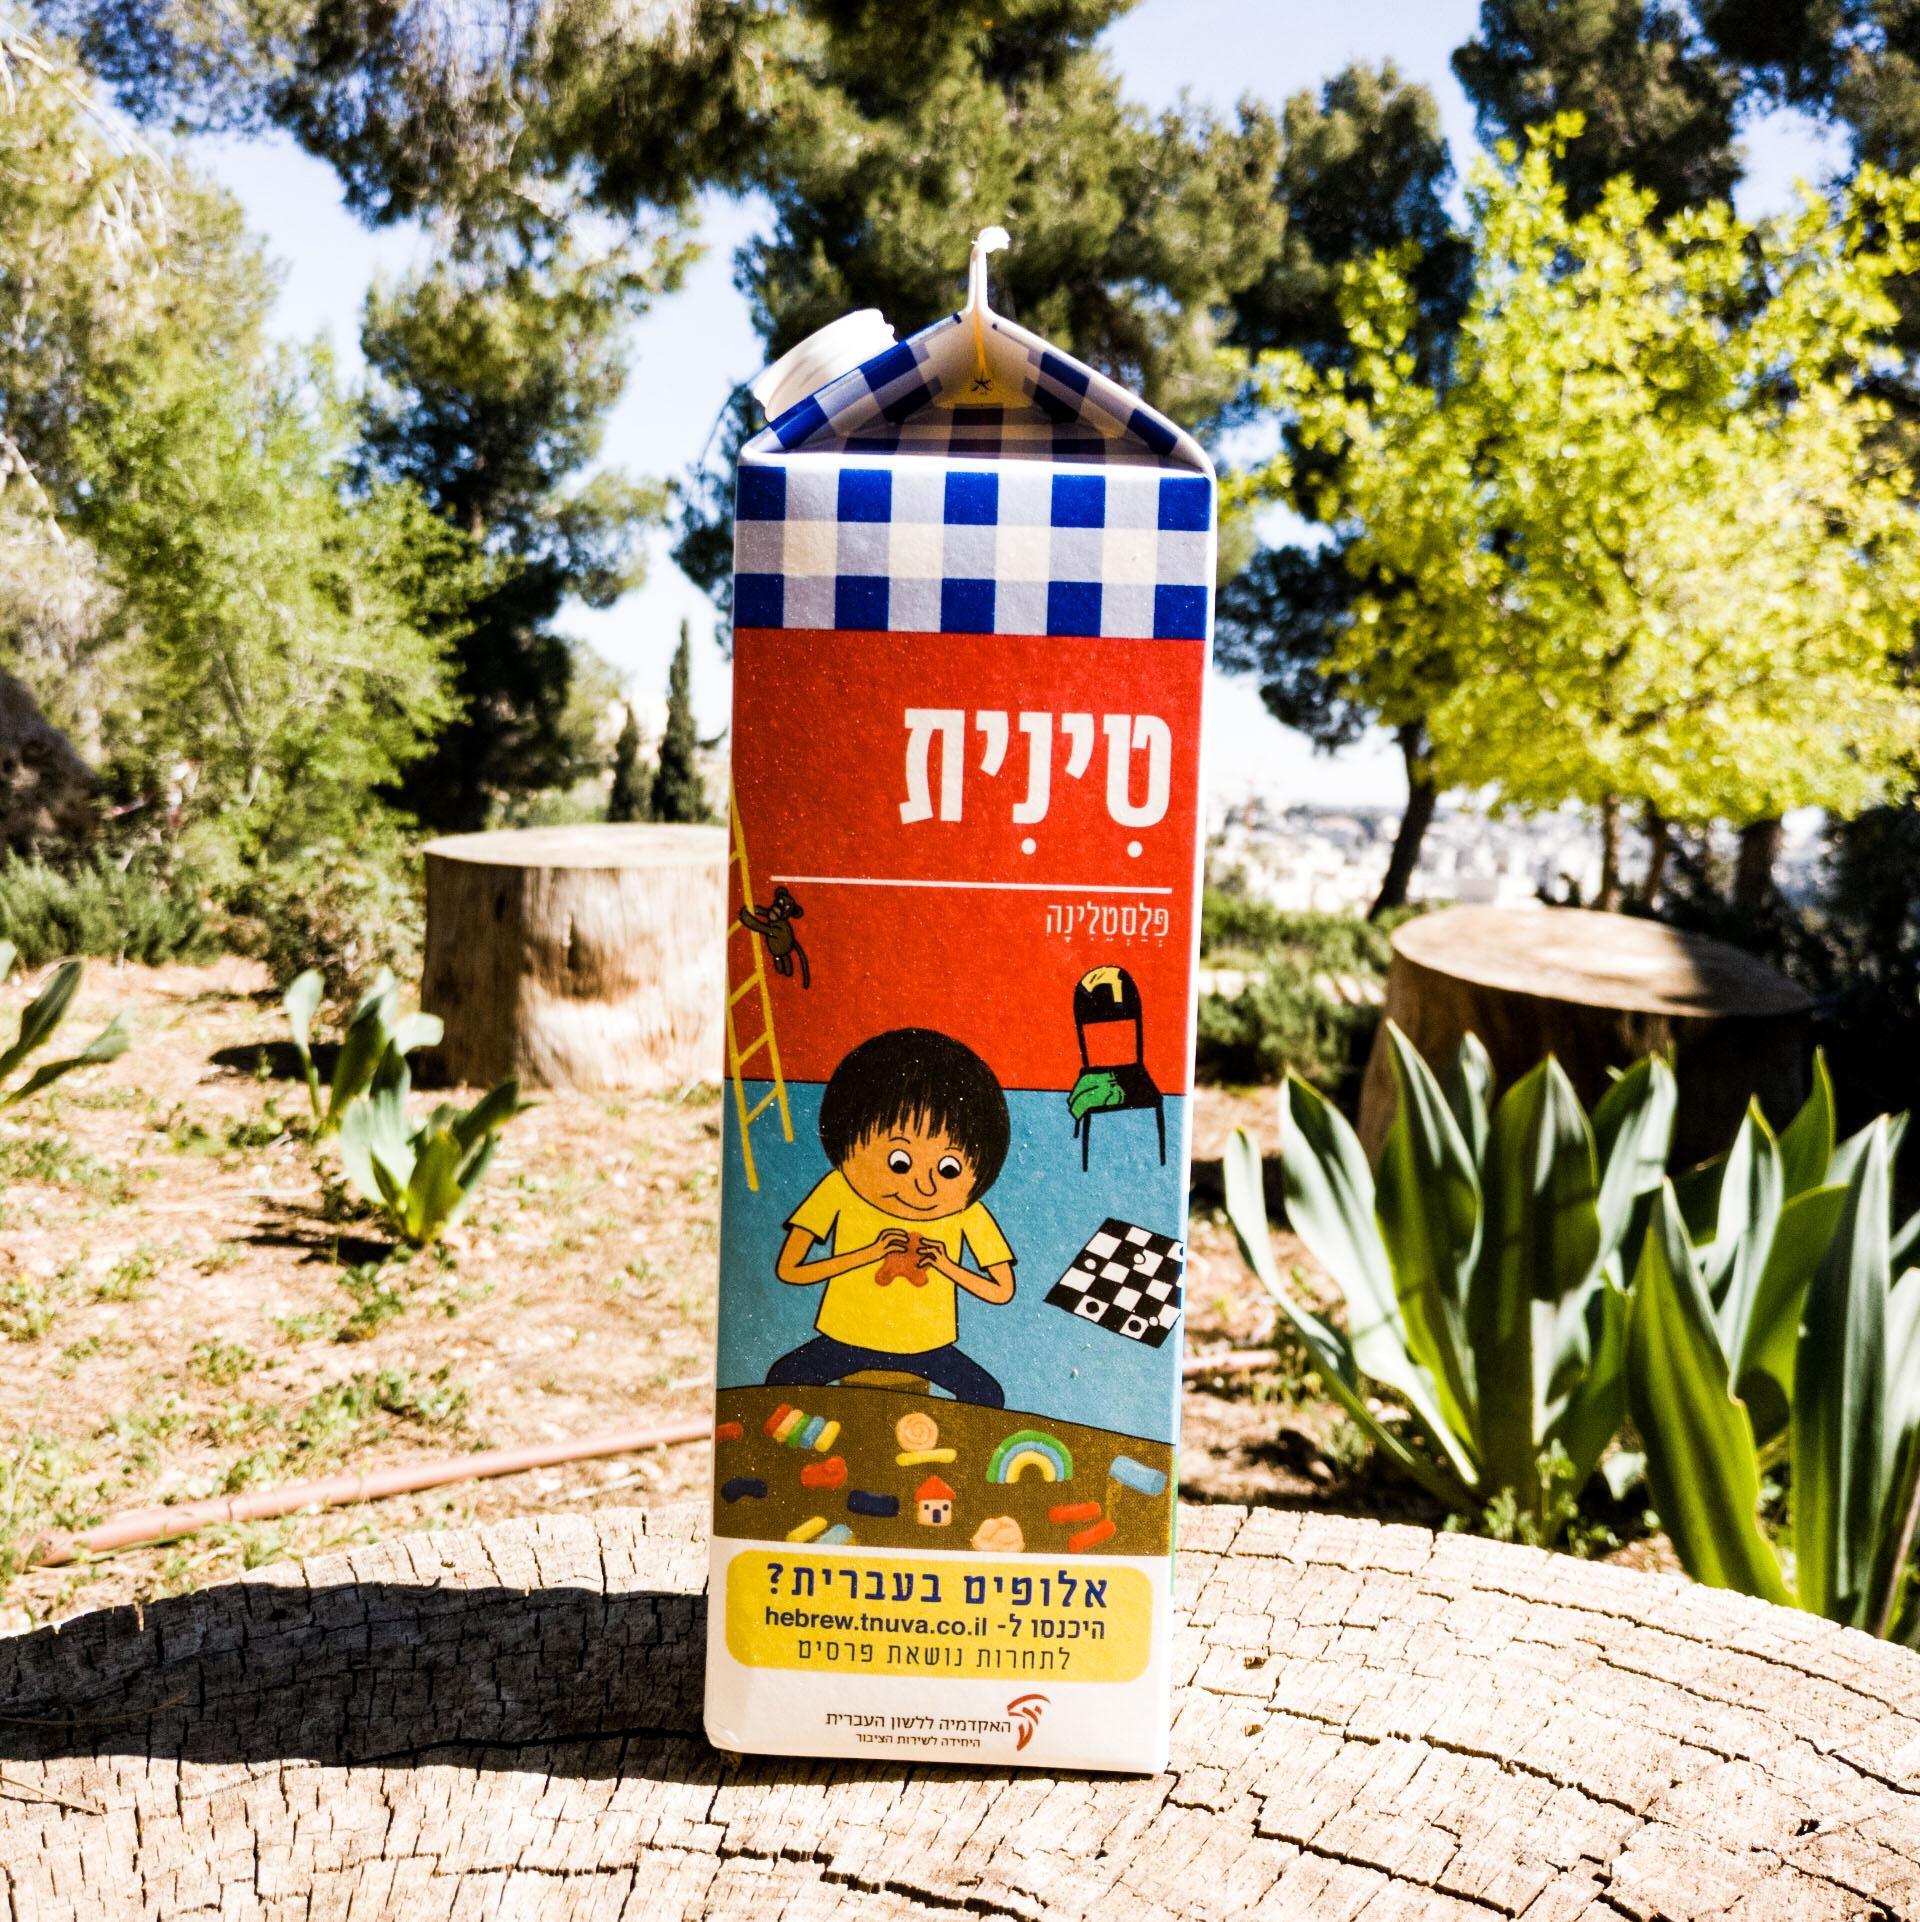 צילום קרטון חלב ועליו איור מילה מחודשת פלסטלינה-טינית